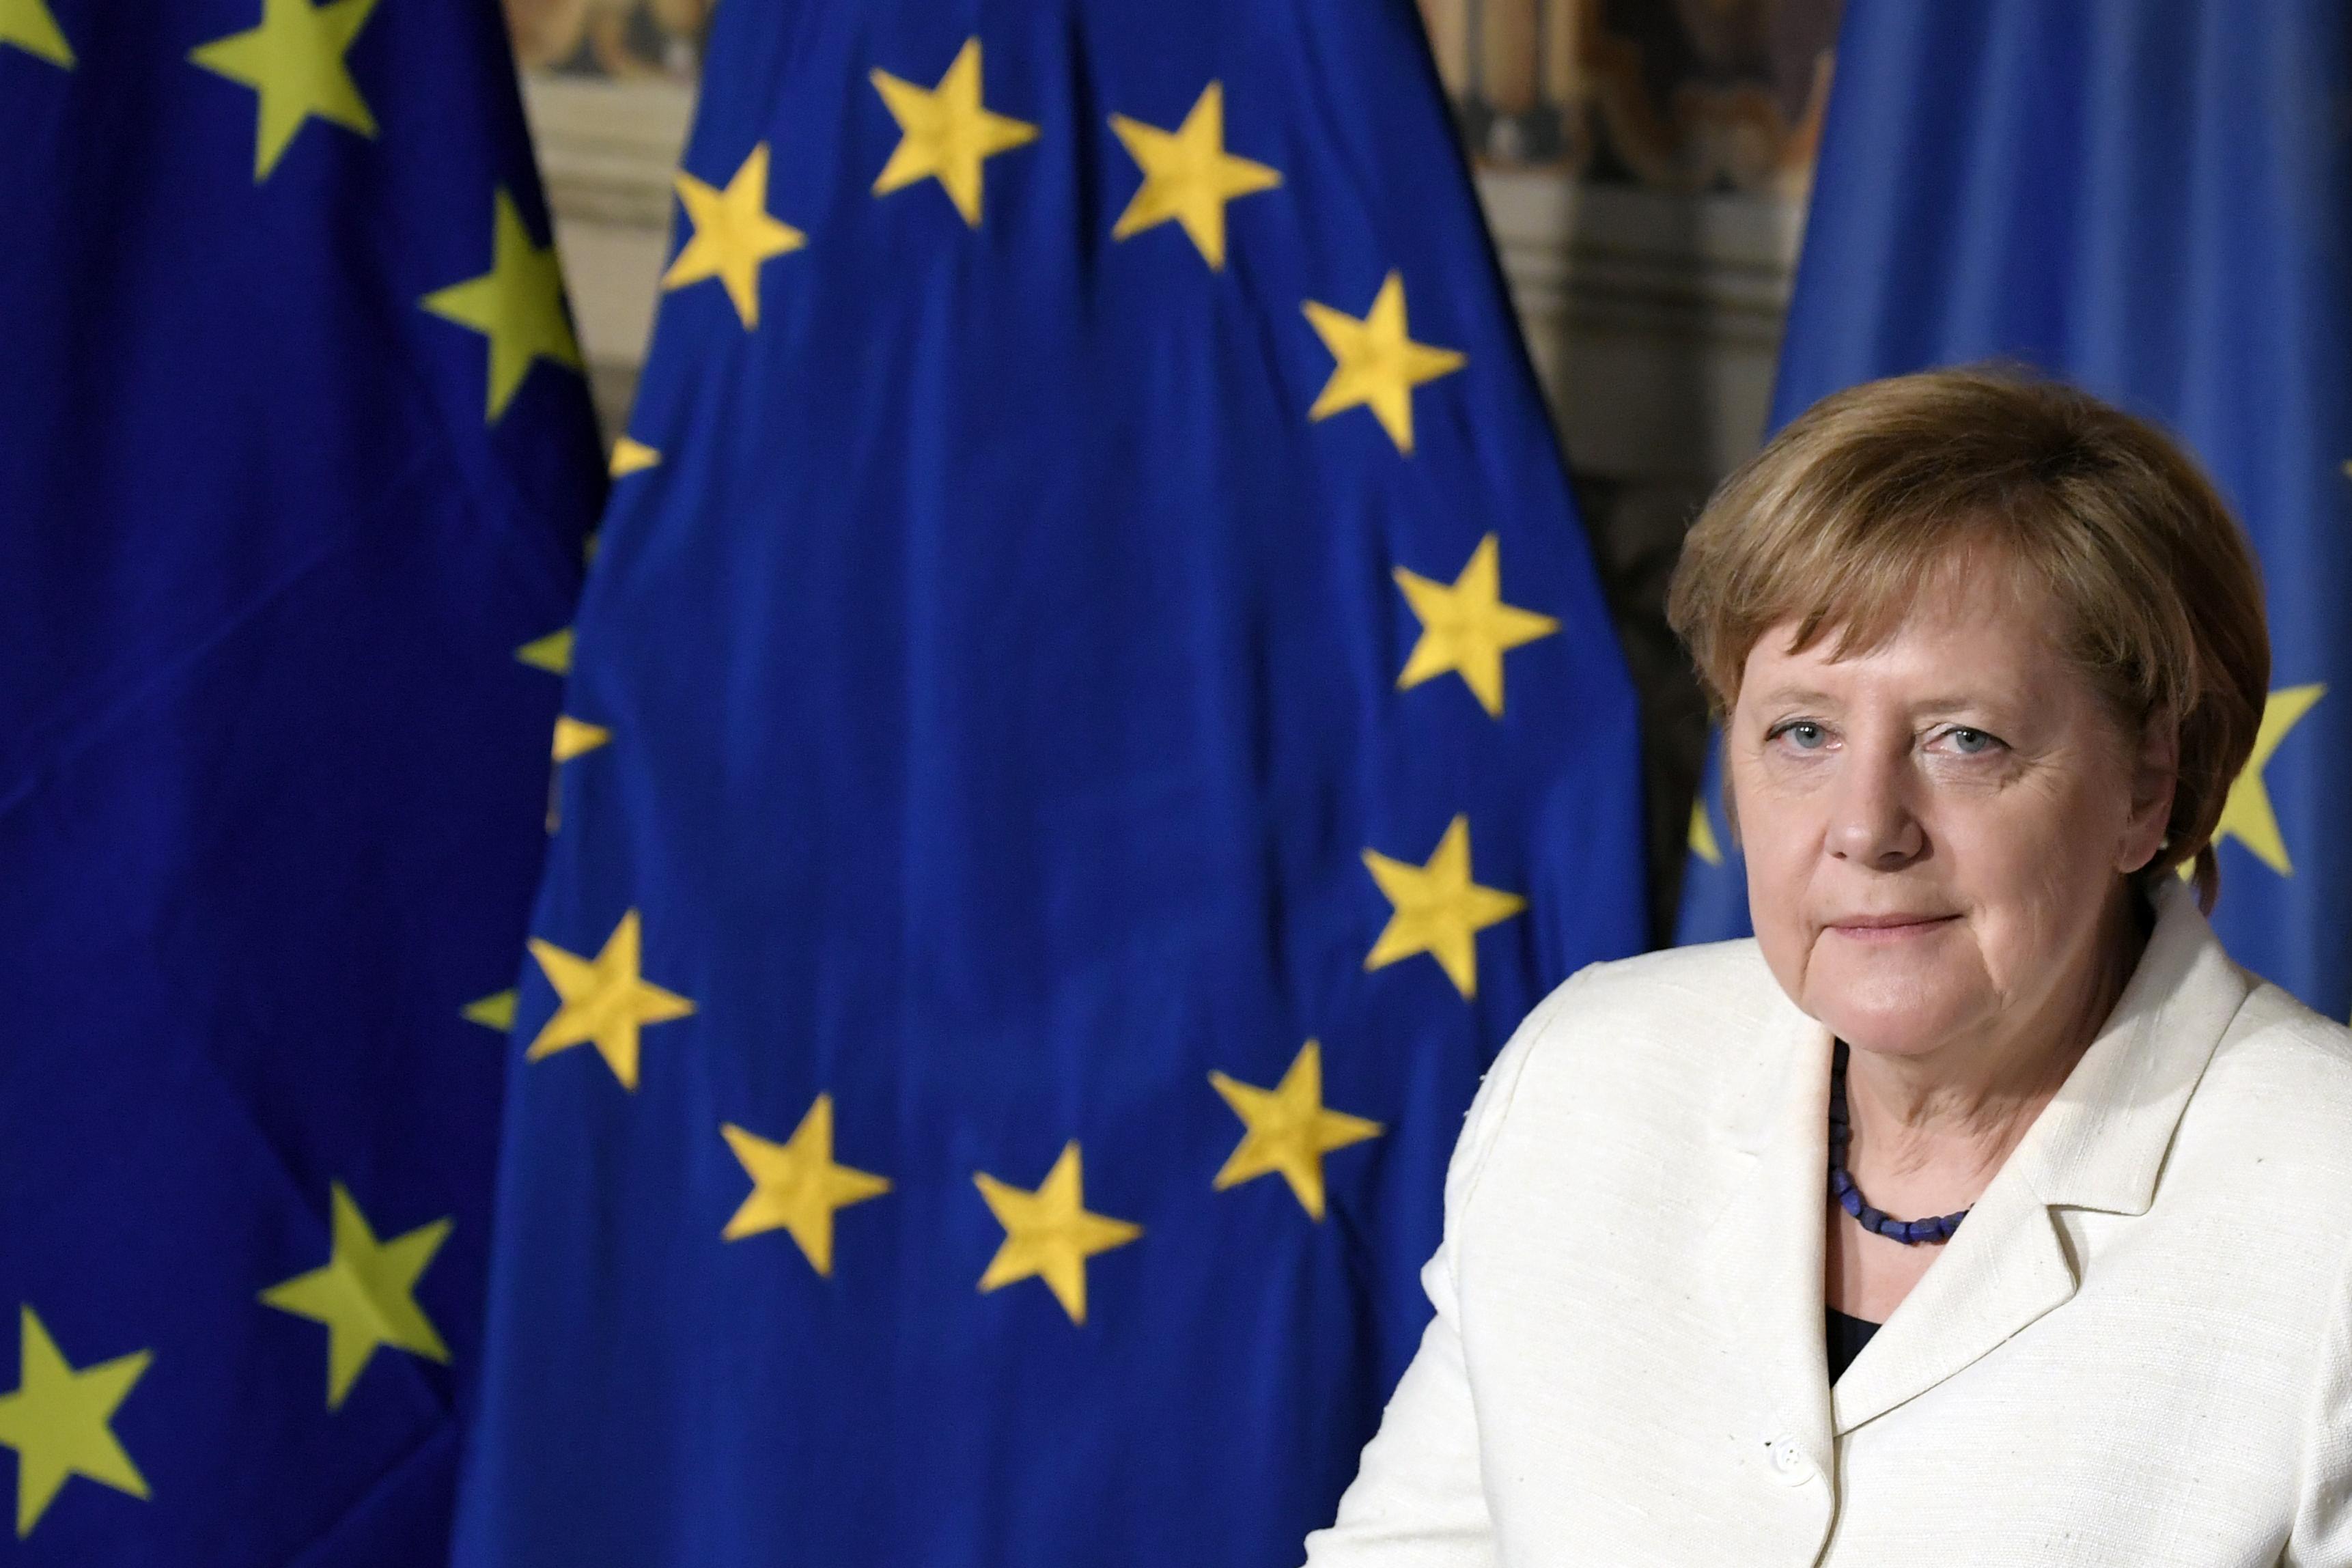 Merkel és Hollande szerint az EU-n belüli integráció a legjobb megoldás